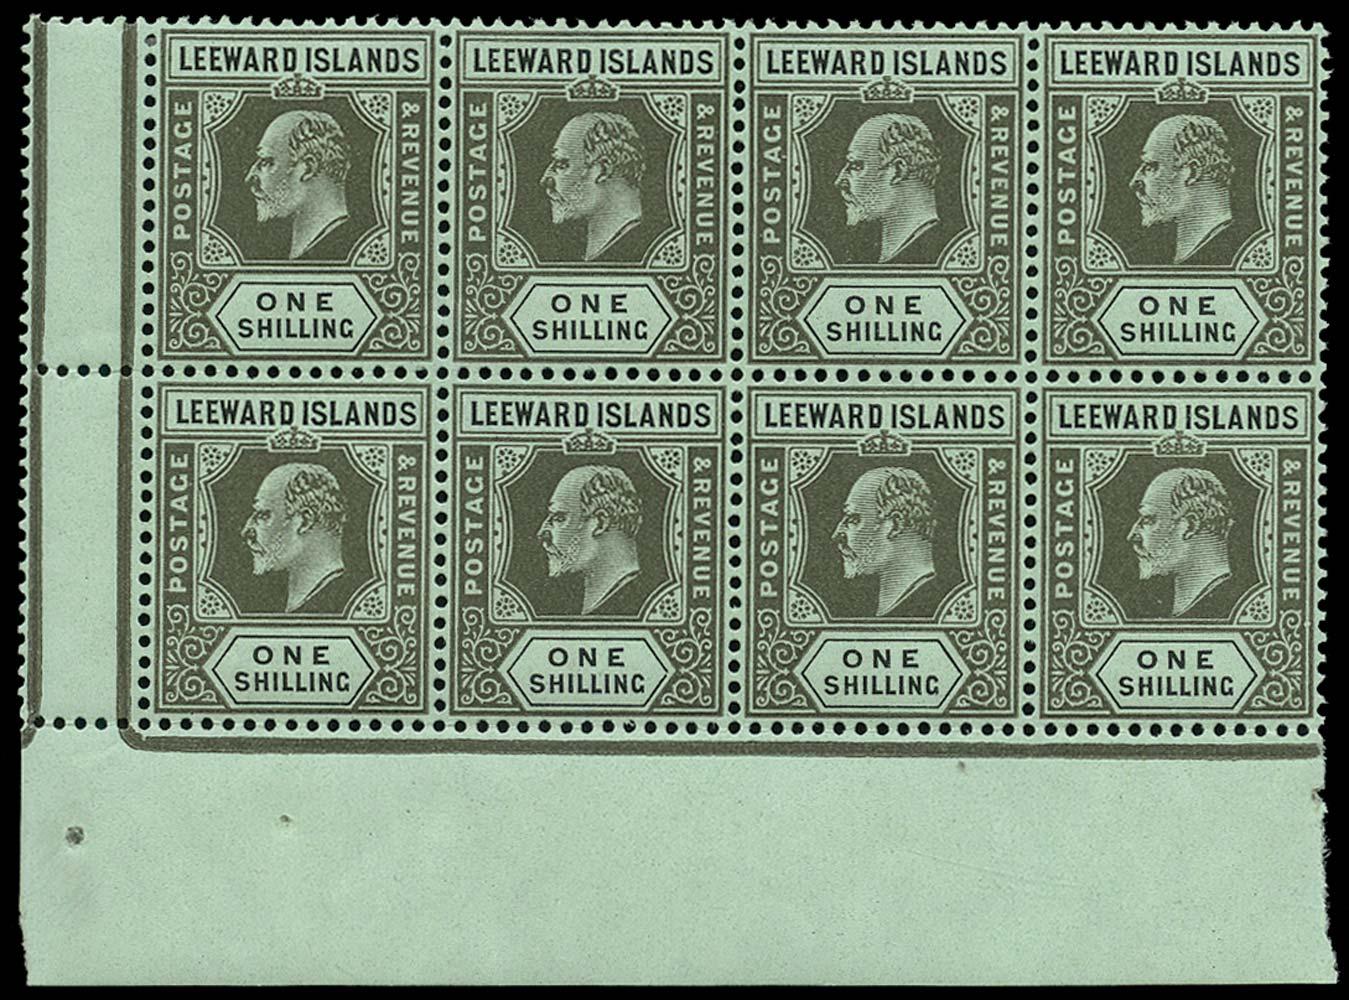 LEEWARD ISLANDS 1907  SG43 Mint